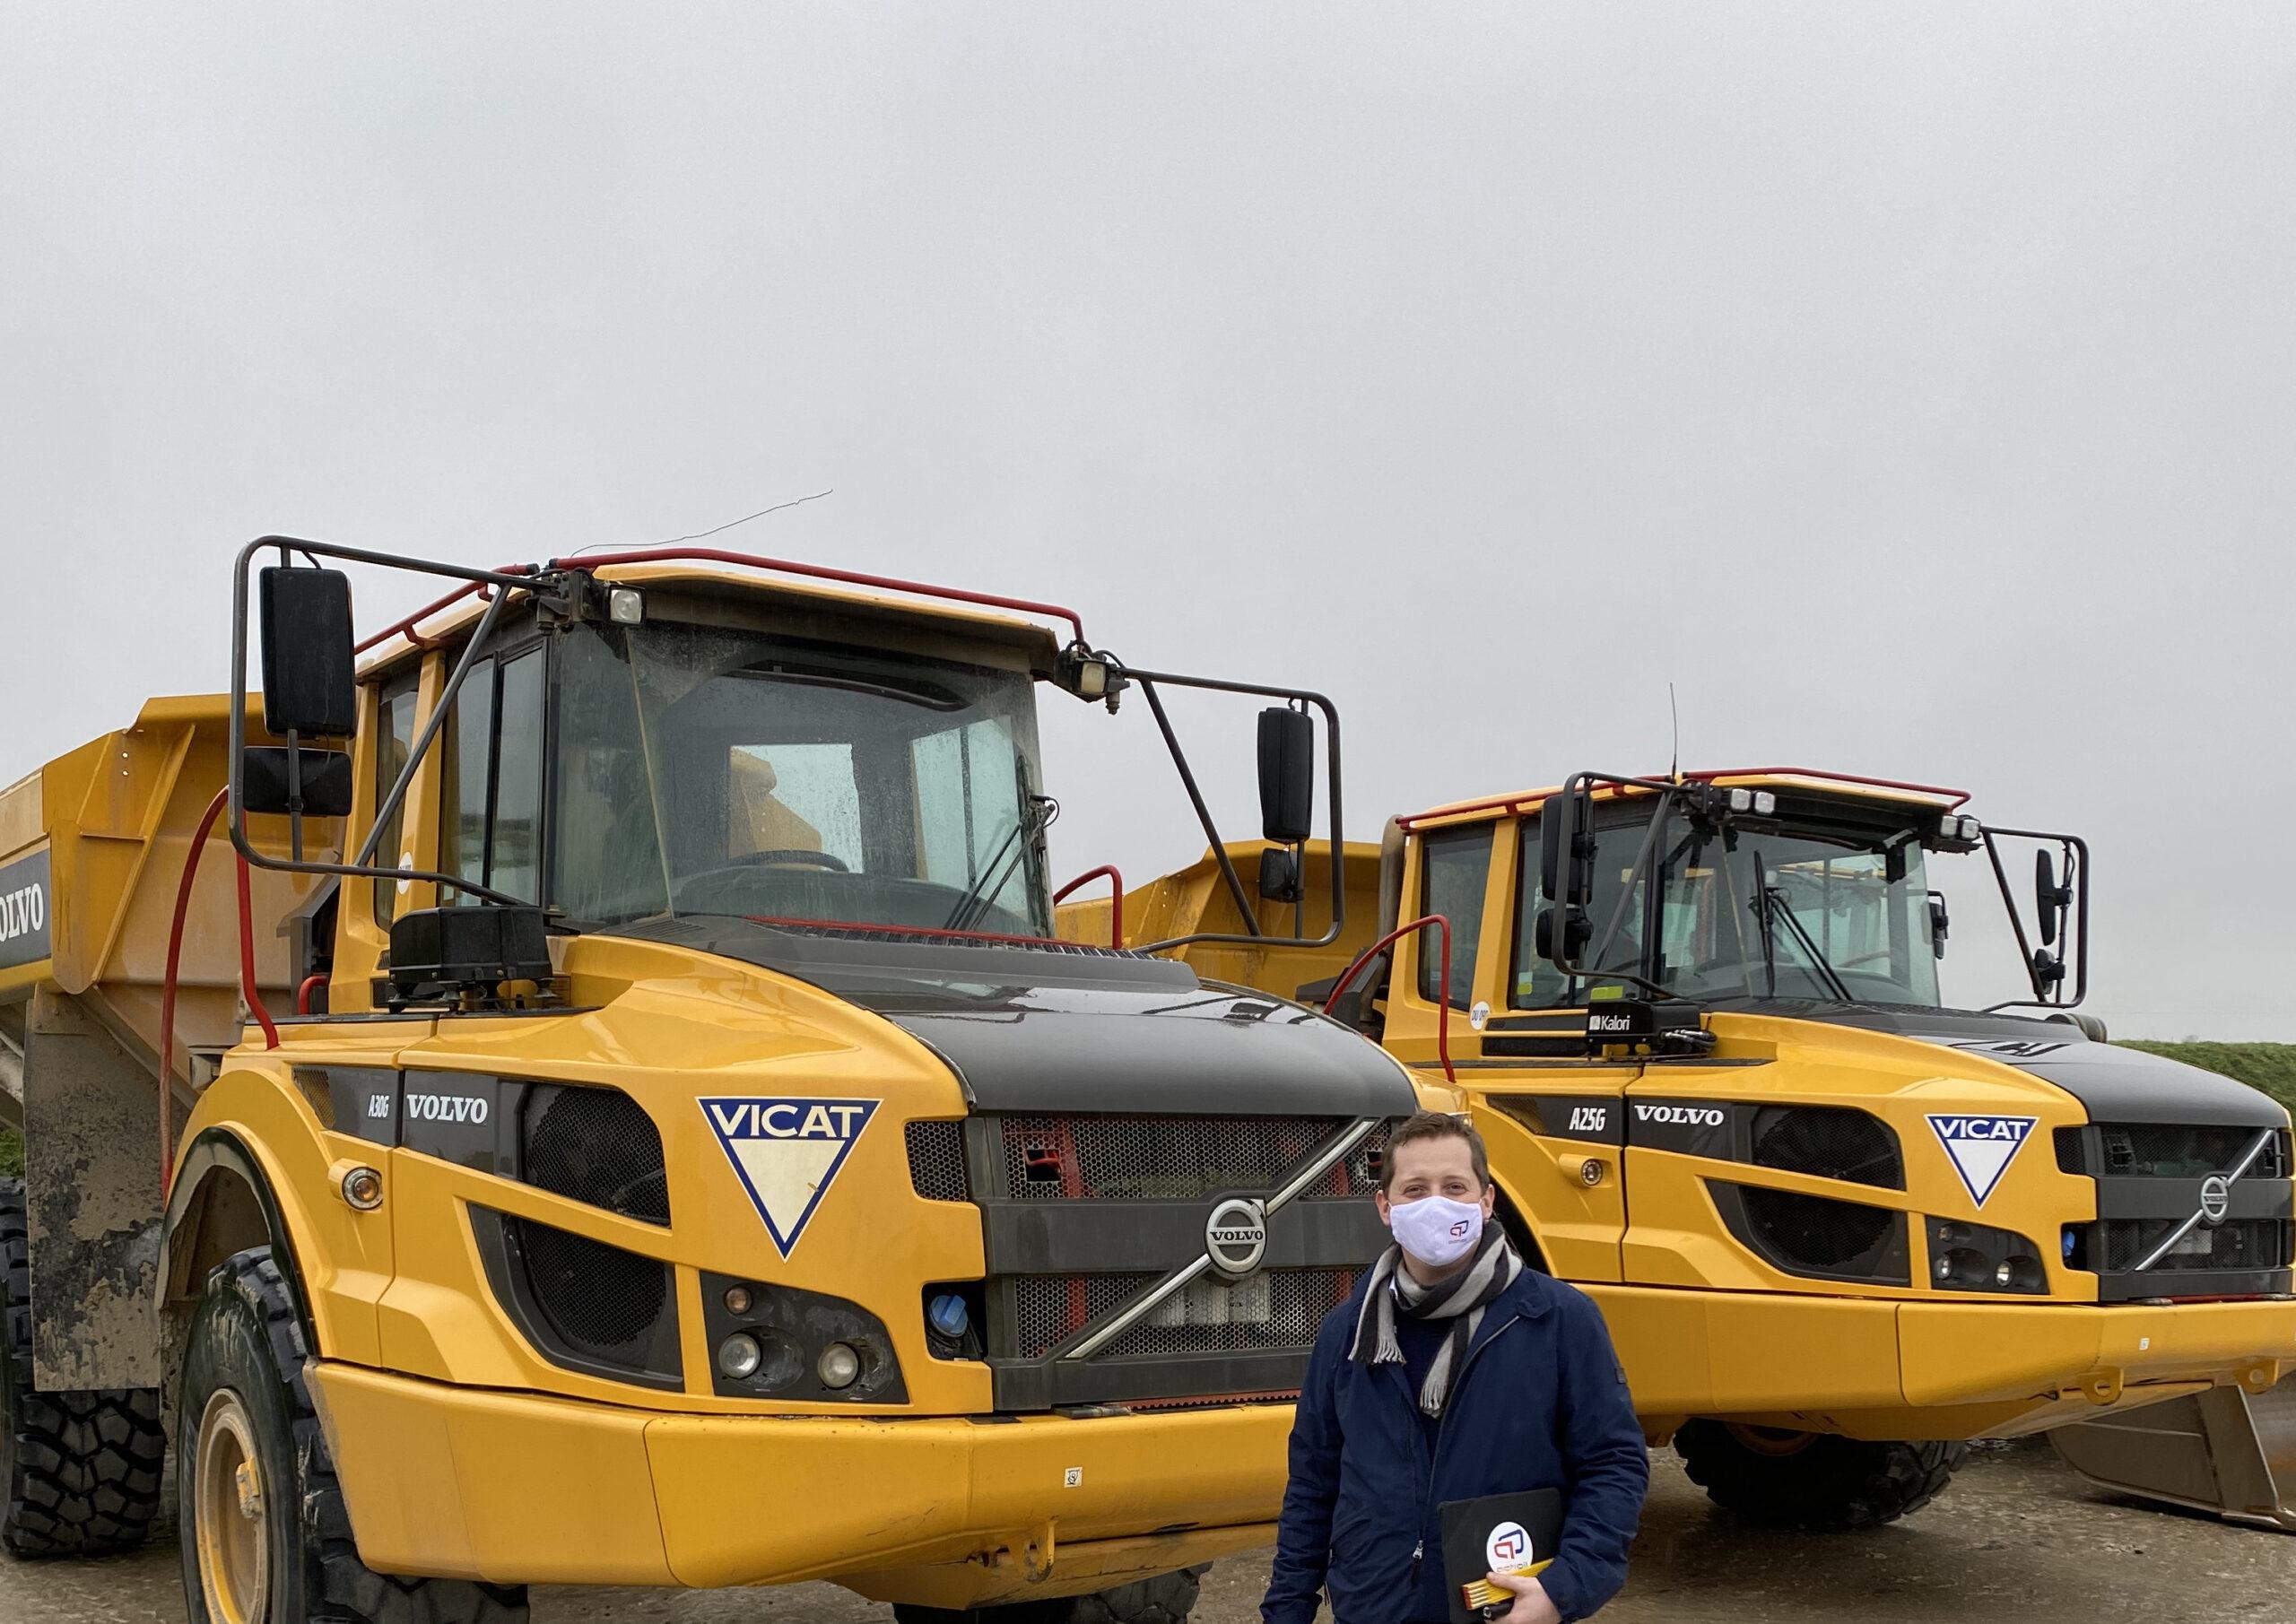 Actioil-Techniker. Person, die vor zwei gelben Volvo Trucks von VICAT Cement steht